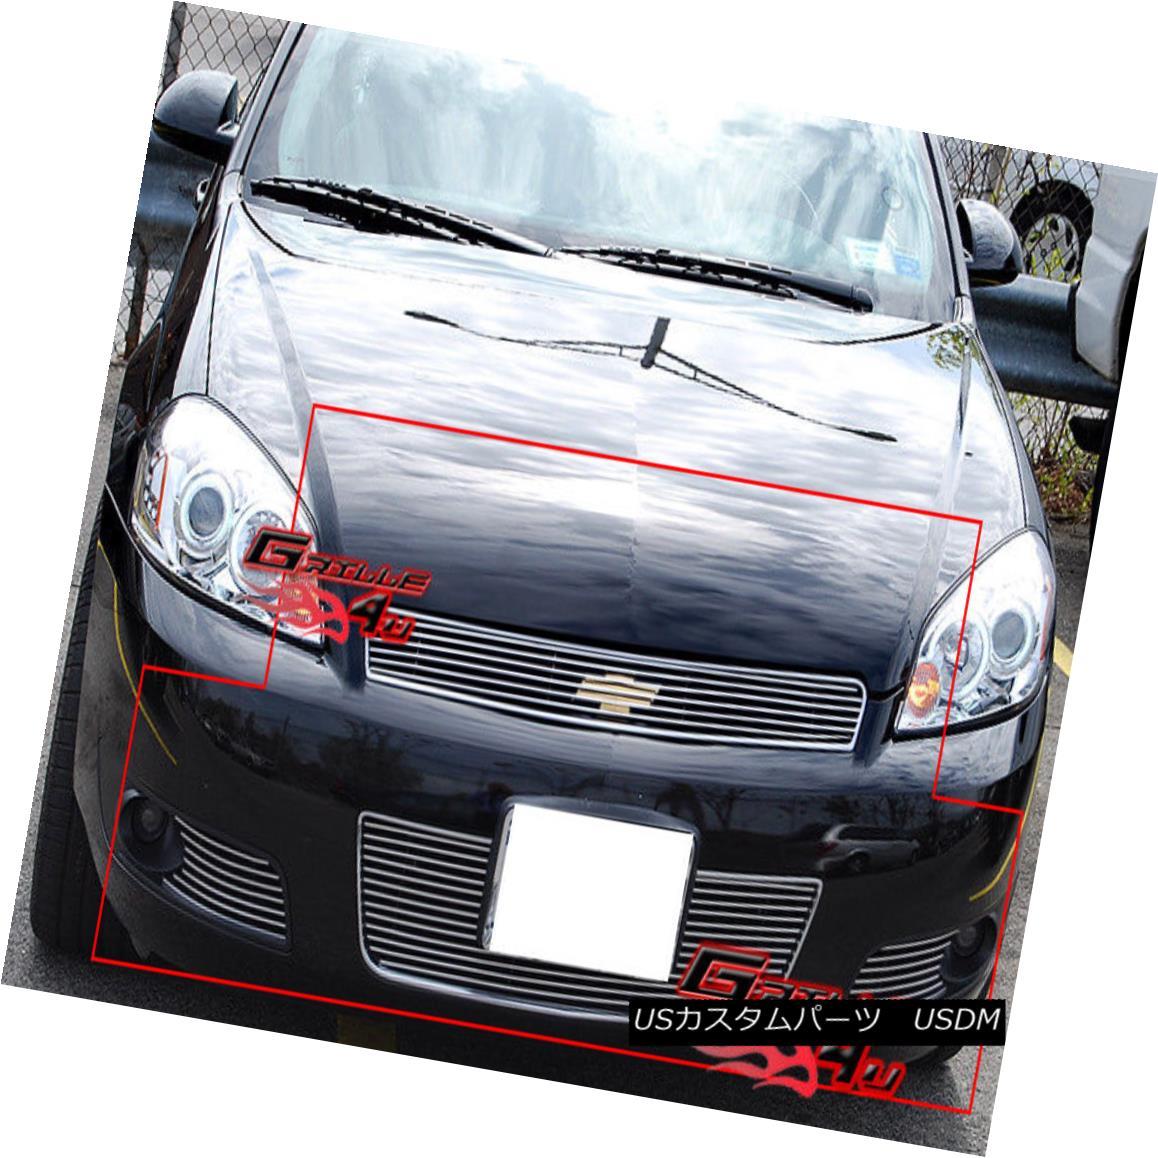 グリル For 06-09 Chevy Impala/SS/LT Billet Grille Combo Insert 06-09シボレーインパラ/ SS / LTビレットグリルコンボインサート